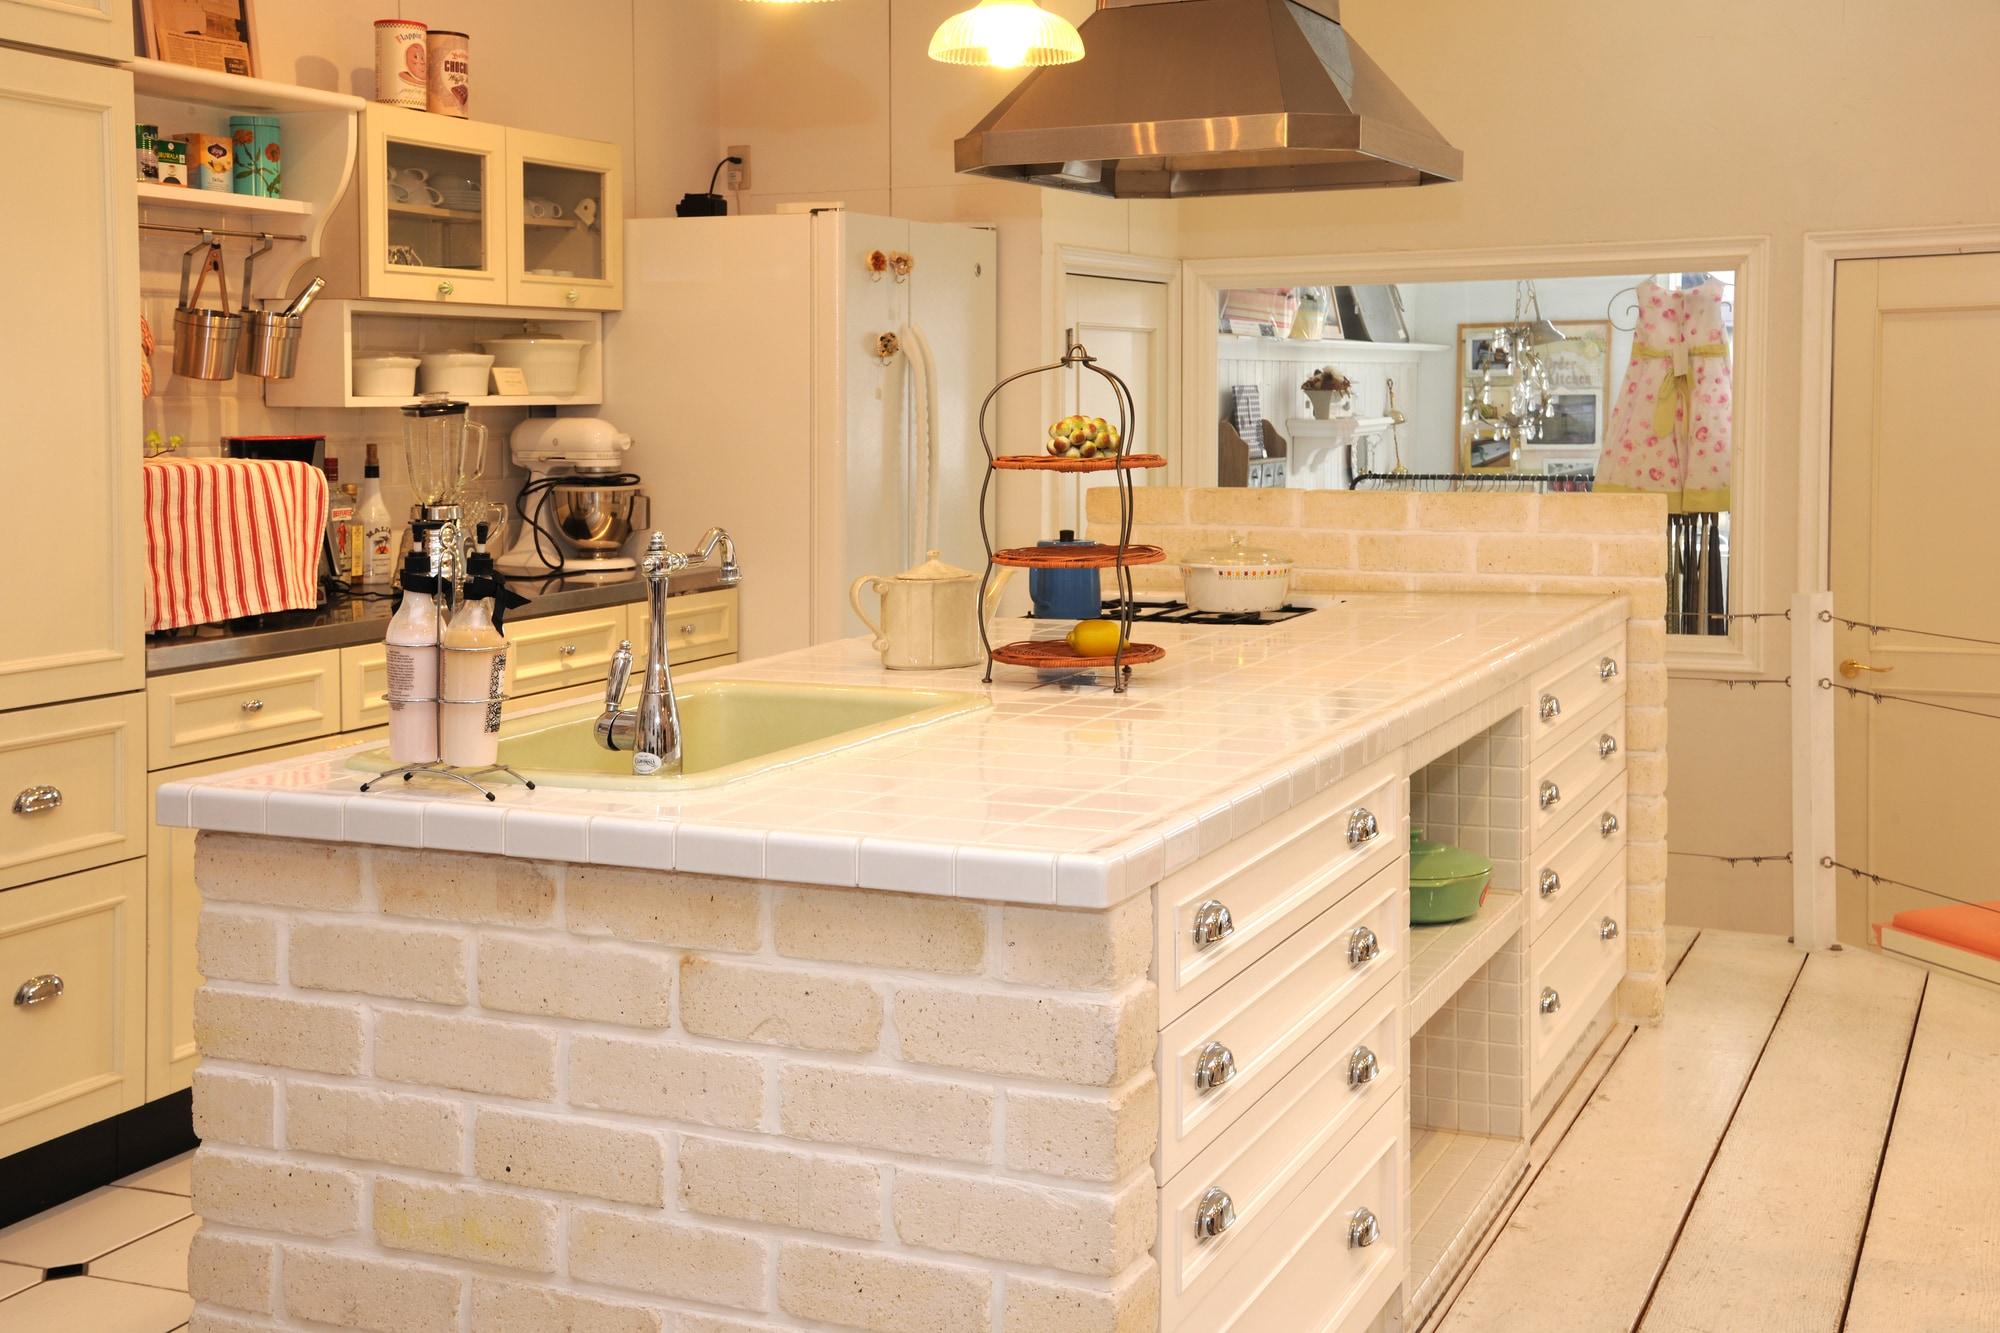 マンションで憧れのアイランドキッチンにリフォームしょう!|リフォーム